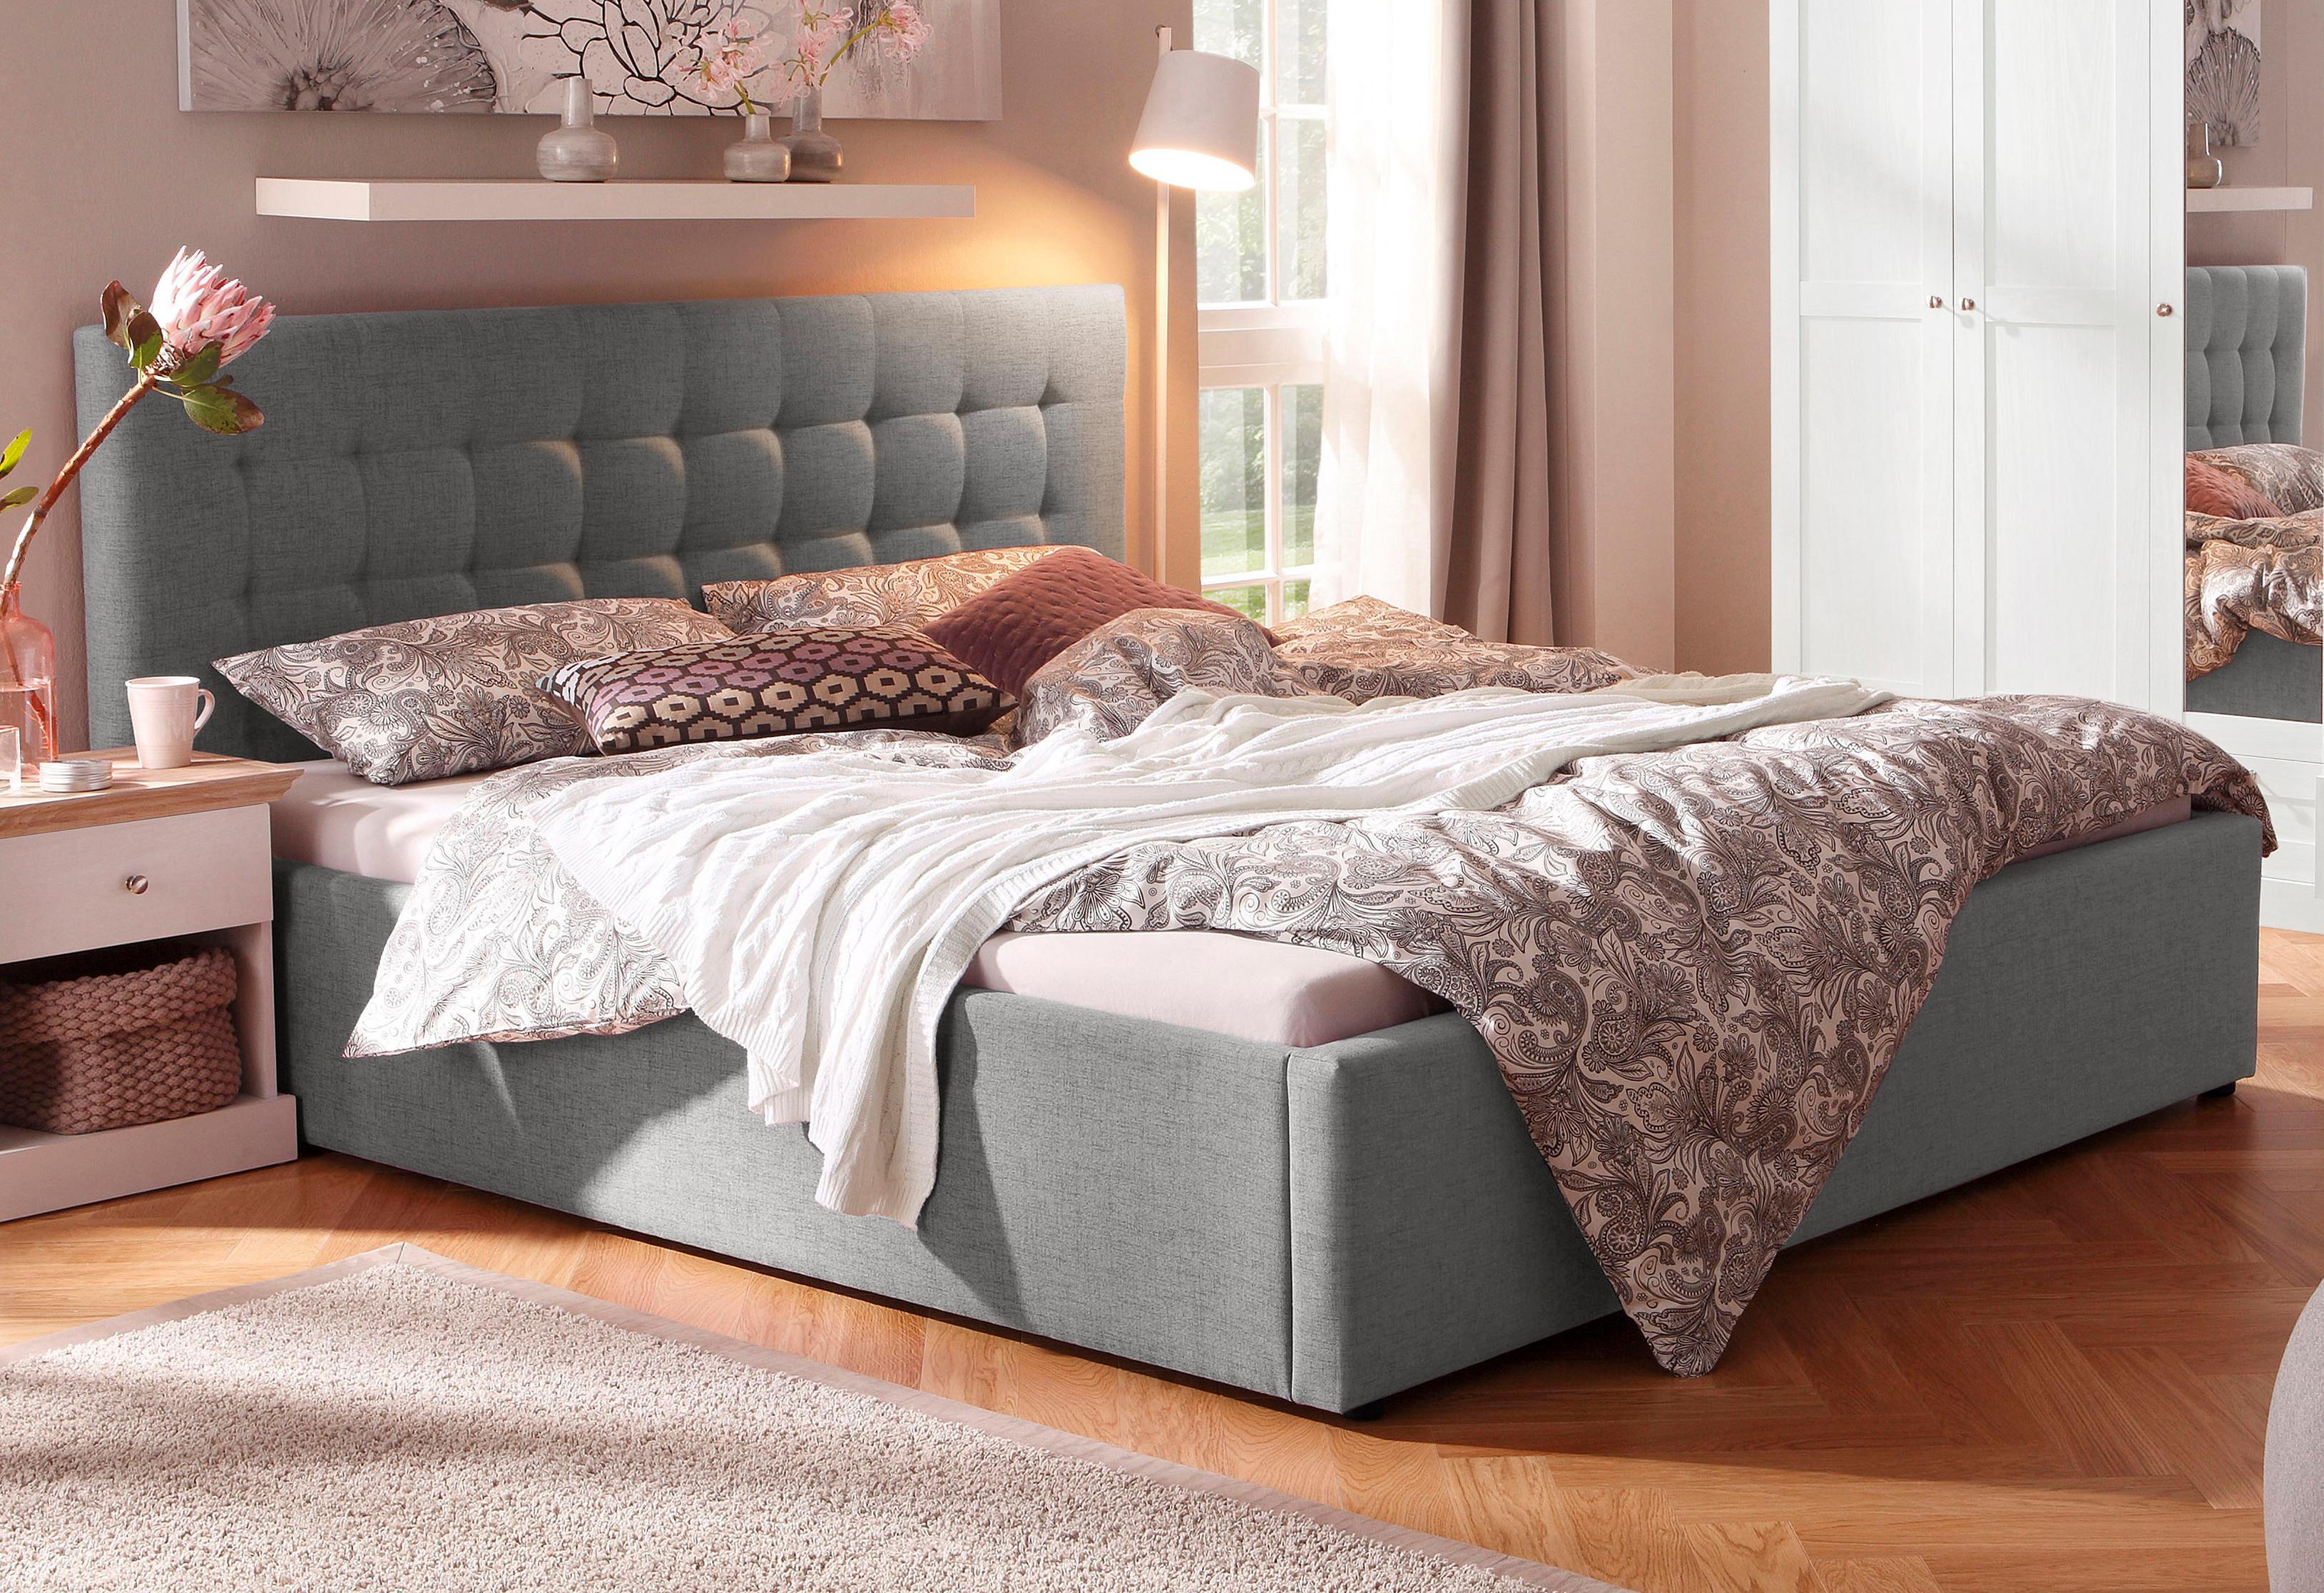 Home Affaire 4-türiger Kleiderschrank »Selma« für das Schlafzimmer, aus  massiven Holz, Höhe 190 cm auf Rechnung bestellen | BAUR